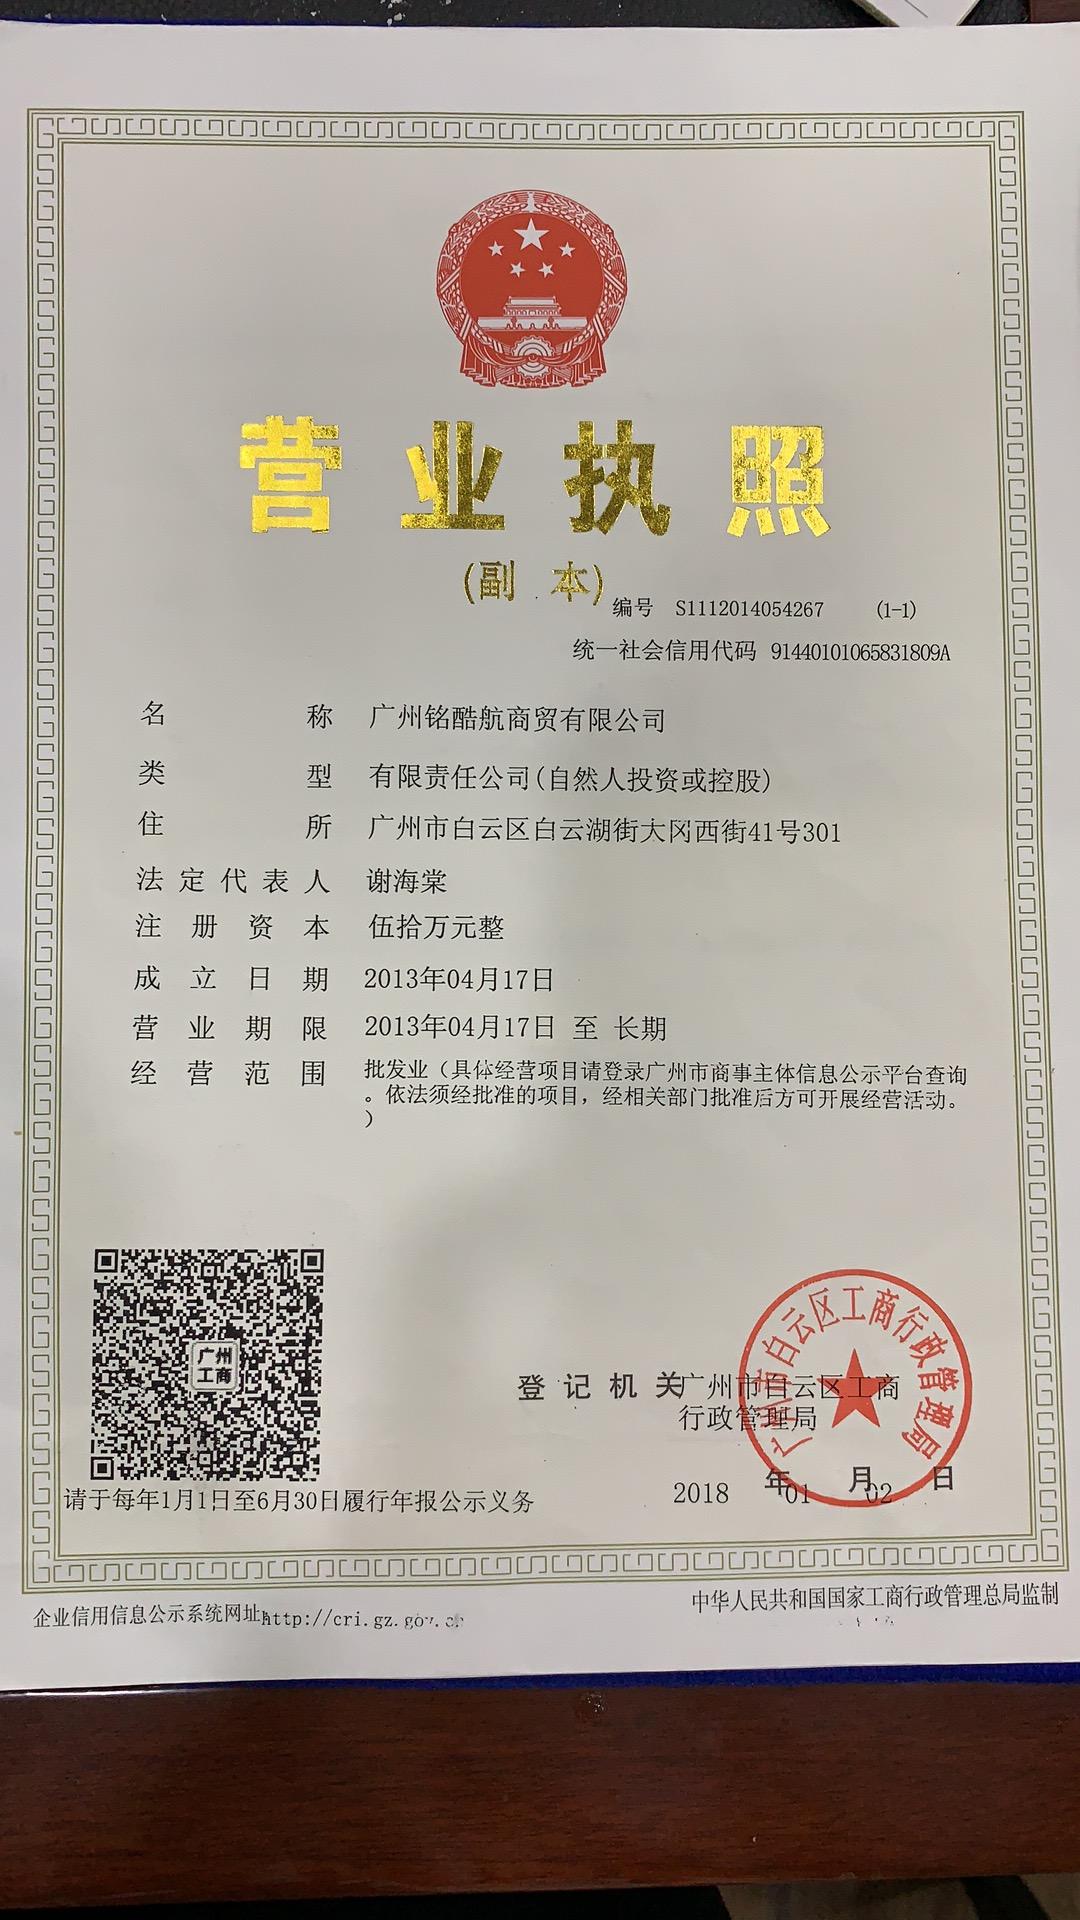 廣州銘酷航商貿有限公司企業檔案